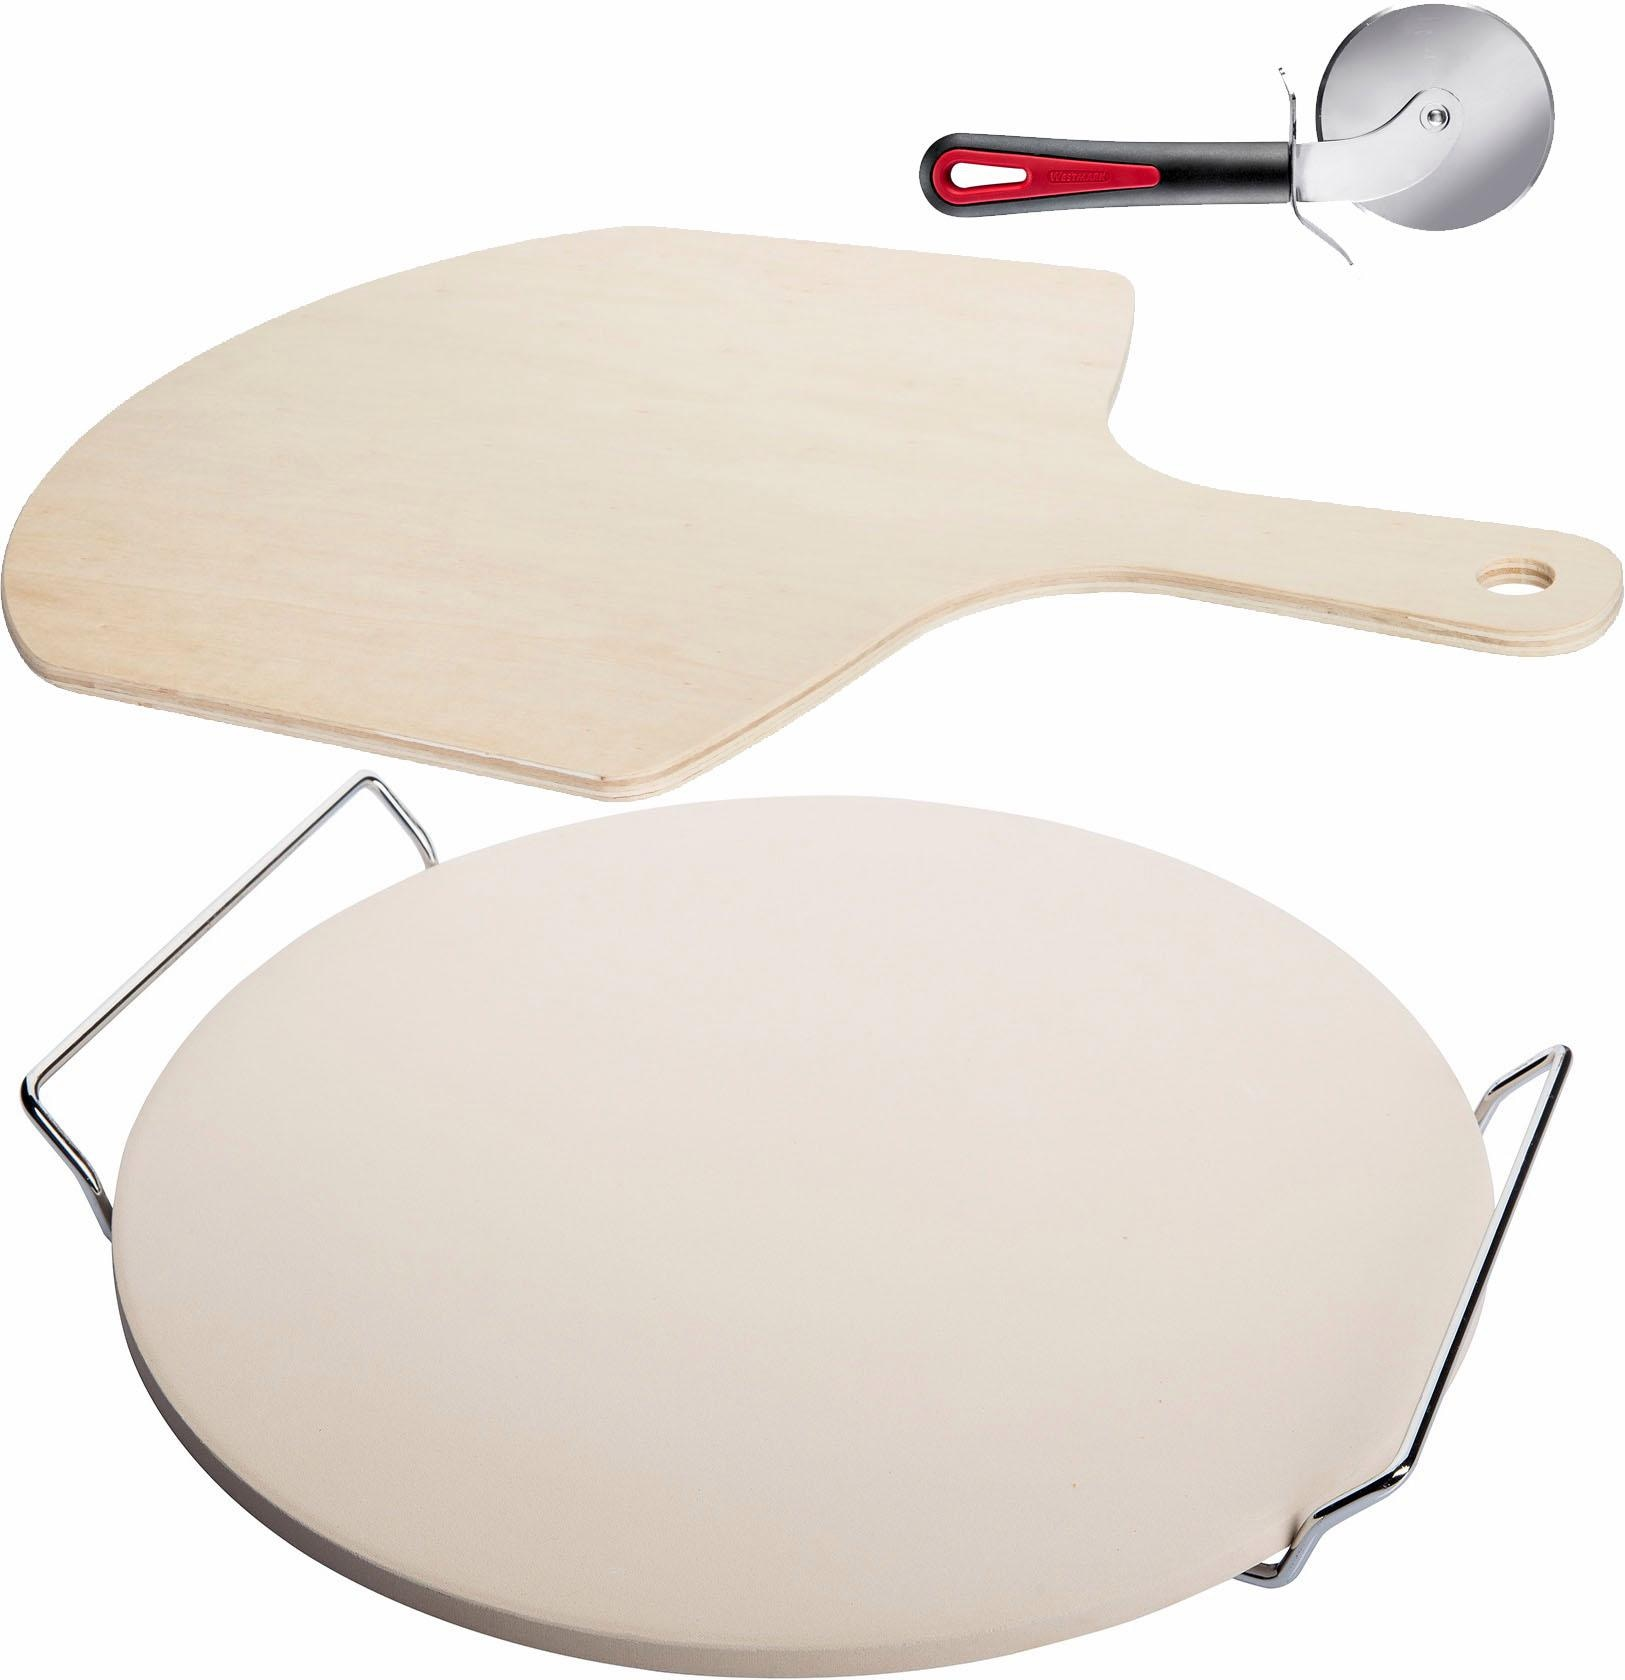 WESTMARK Pizza-Set, 3-teilig | Garten > Balkon > Grill und Zubehör | WESTMARK